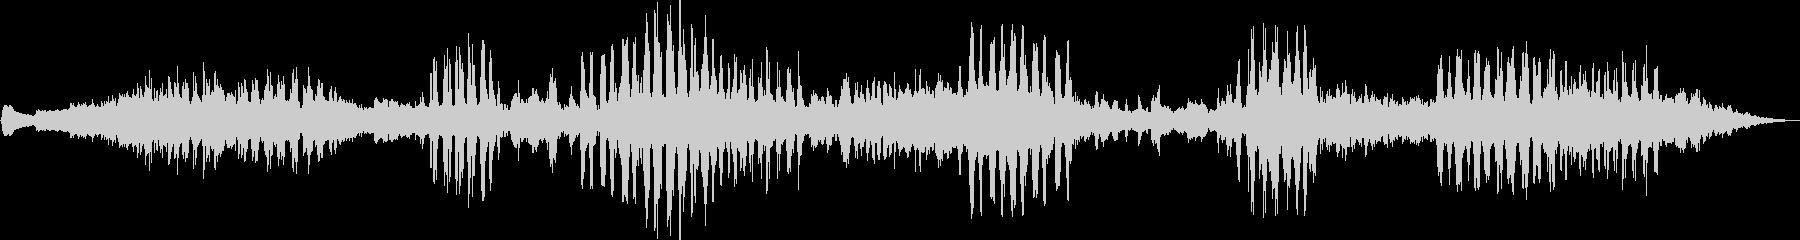 ラジオプロダクションシーン:リラッ...の未再生の波形